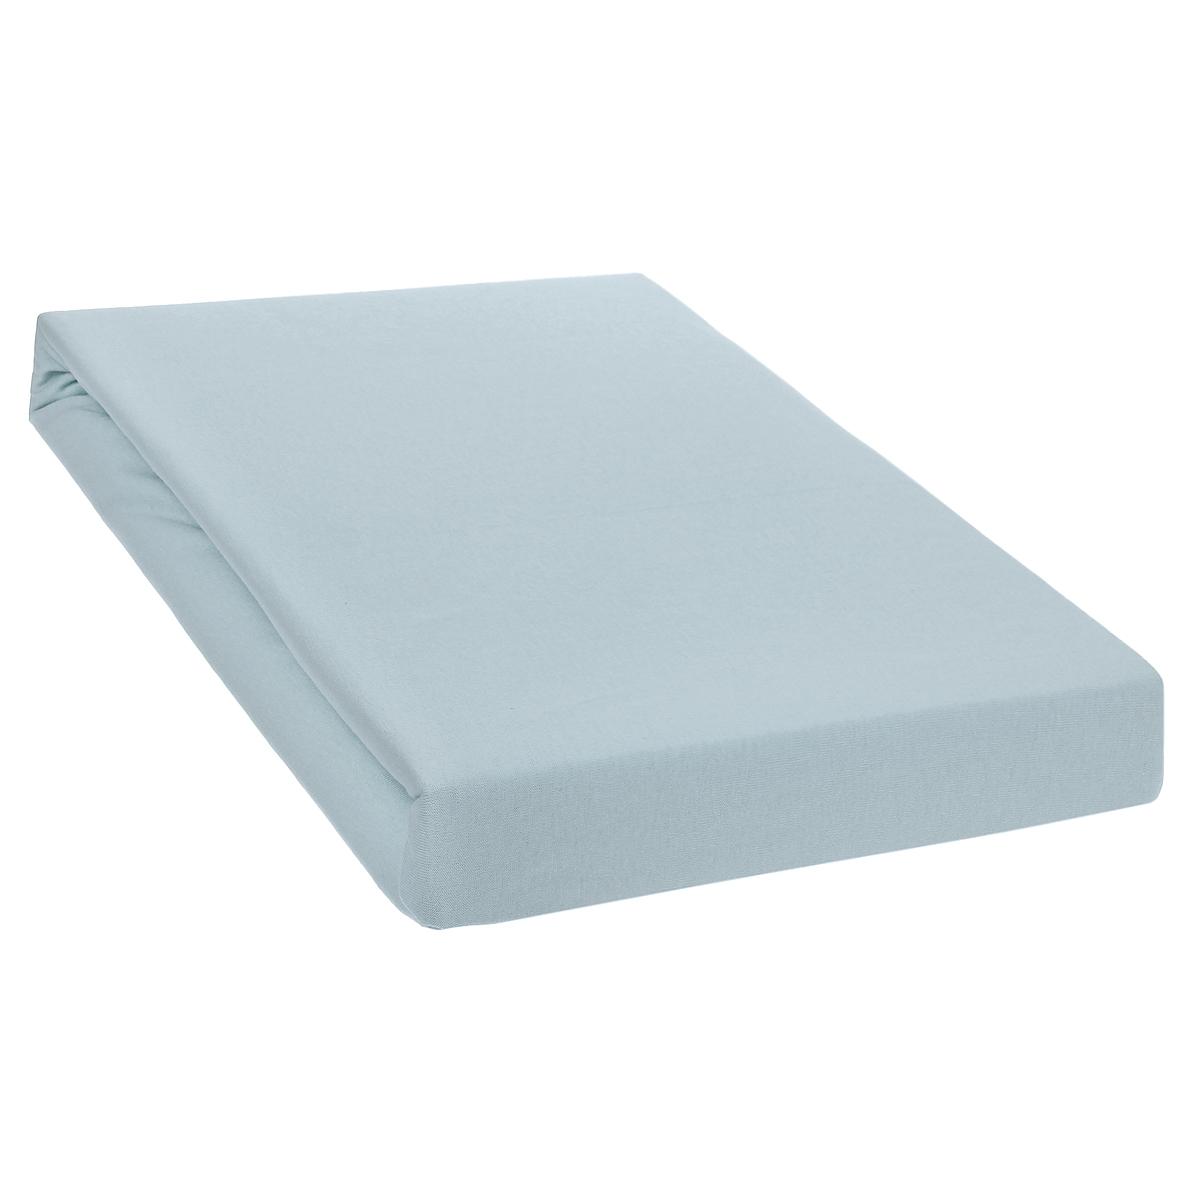 Простыня на резинке Tete-a-Tete, цвет: жемчуг, 180 см х 200 смТ-ПР-3042Однотонная простыня на резинке Tete-a-Tete выполнена из натурального хлопка. Высочайшее качество материала гарантирует безопасность не только взрослых, но и самых маленьких членов семьи. Простыня гармонично впишется в интерьер вашего дома и создаст атмосферу уюта и комфорта. Особенности коллекции Tete-a-Tete: - выдерживает более 100 стирок практически без изменения внешнего вида, - модные цвета и стойкие оттенки, - минимальная усадка, - надежные резинки и износостойкая ткань, - безупречное качество, - гиппоаллергенно. Коллекция Tete-a-Tete специально создана для практичных людей, которые ценят качество и долговечность вещей, окружают своих близких теплотой и заботой. Высота до 25 см.